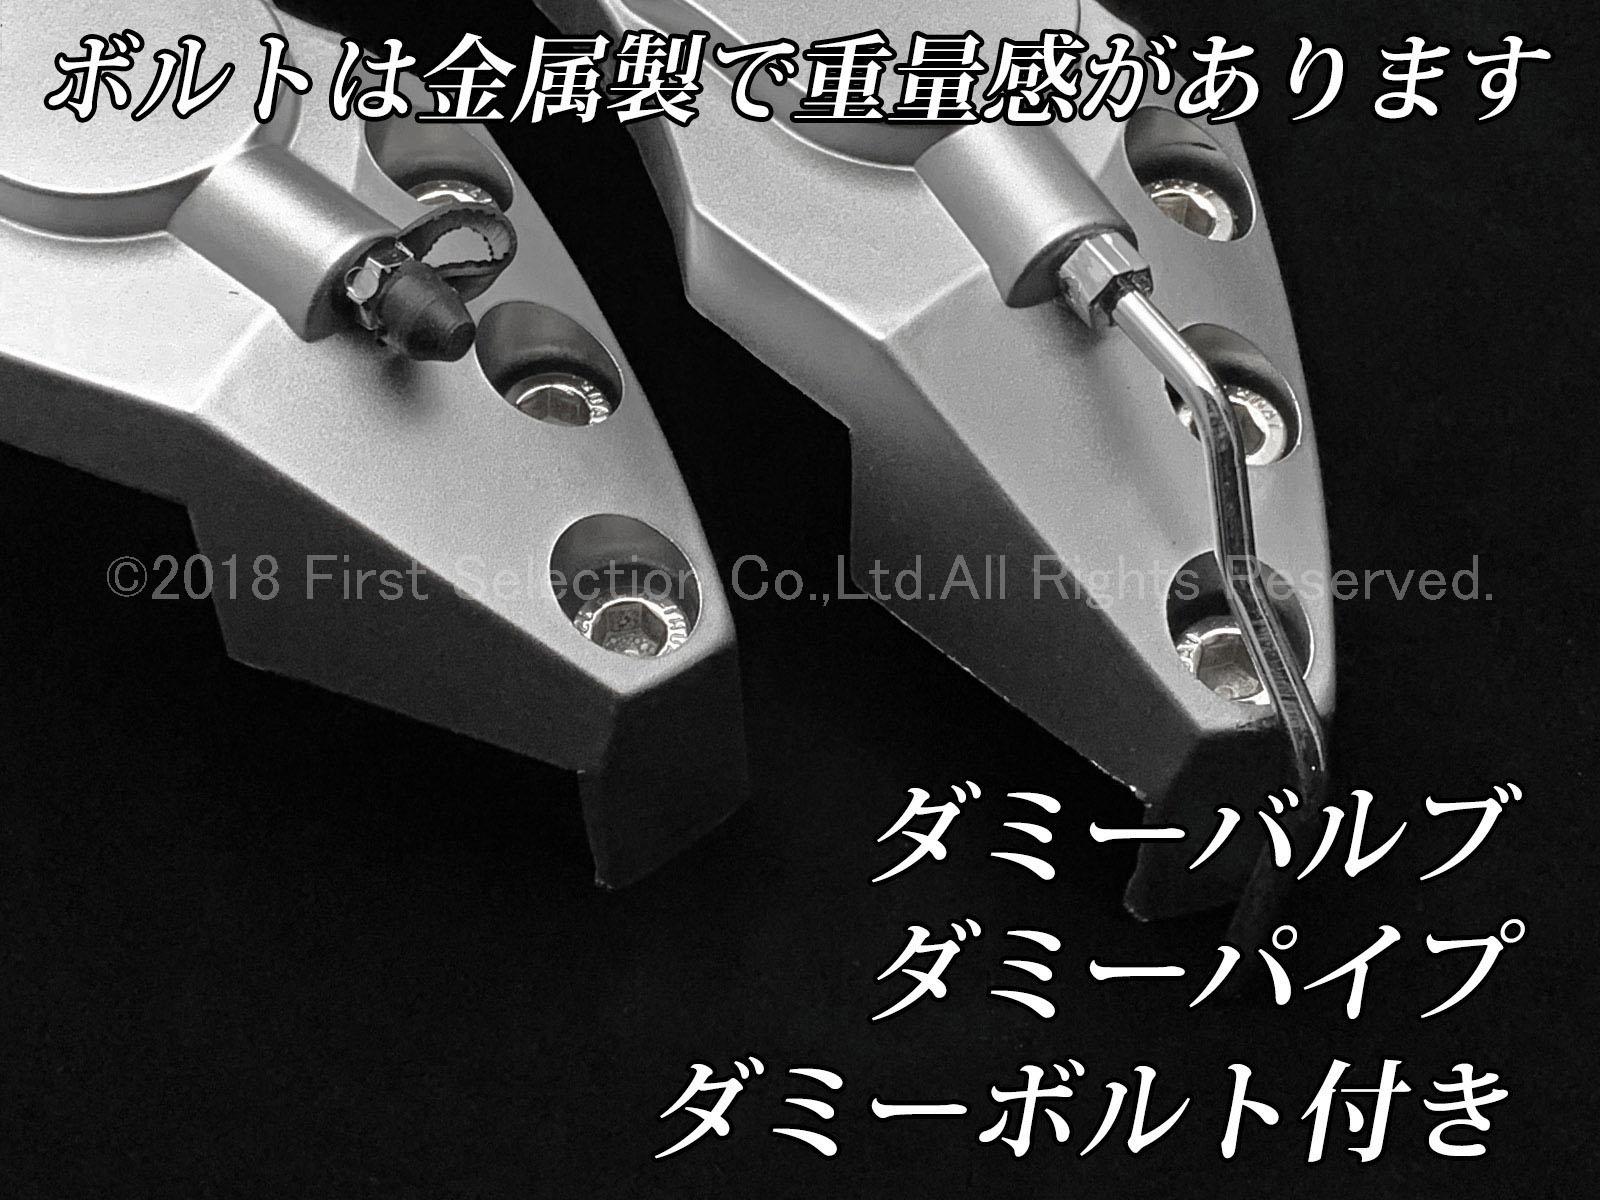 アウディ車 Slineカラー 汎用高品質キャリパーカバーL/Mサイズセット 銀 シルバー S-line S line Sライン